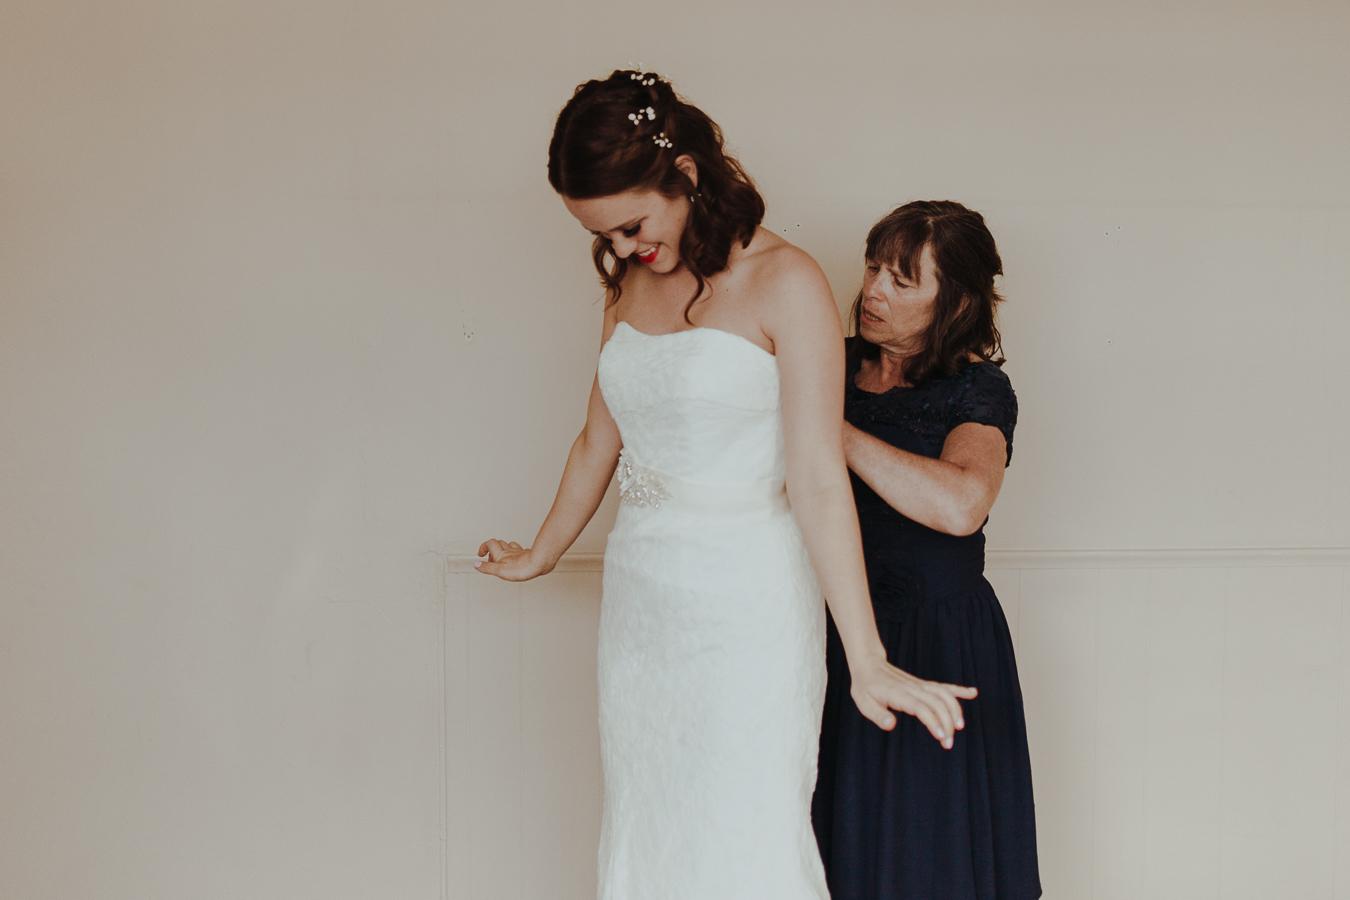 Nashville Wedding Photograpger - Photography Anthology-16.jpg